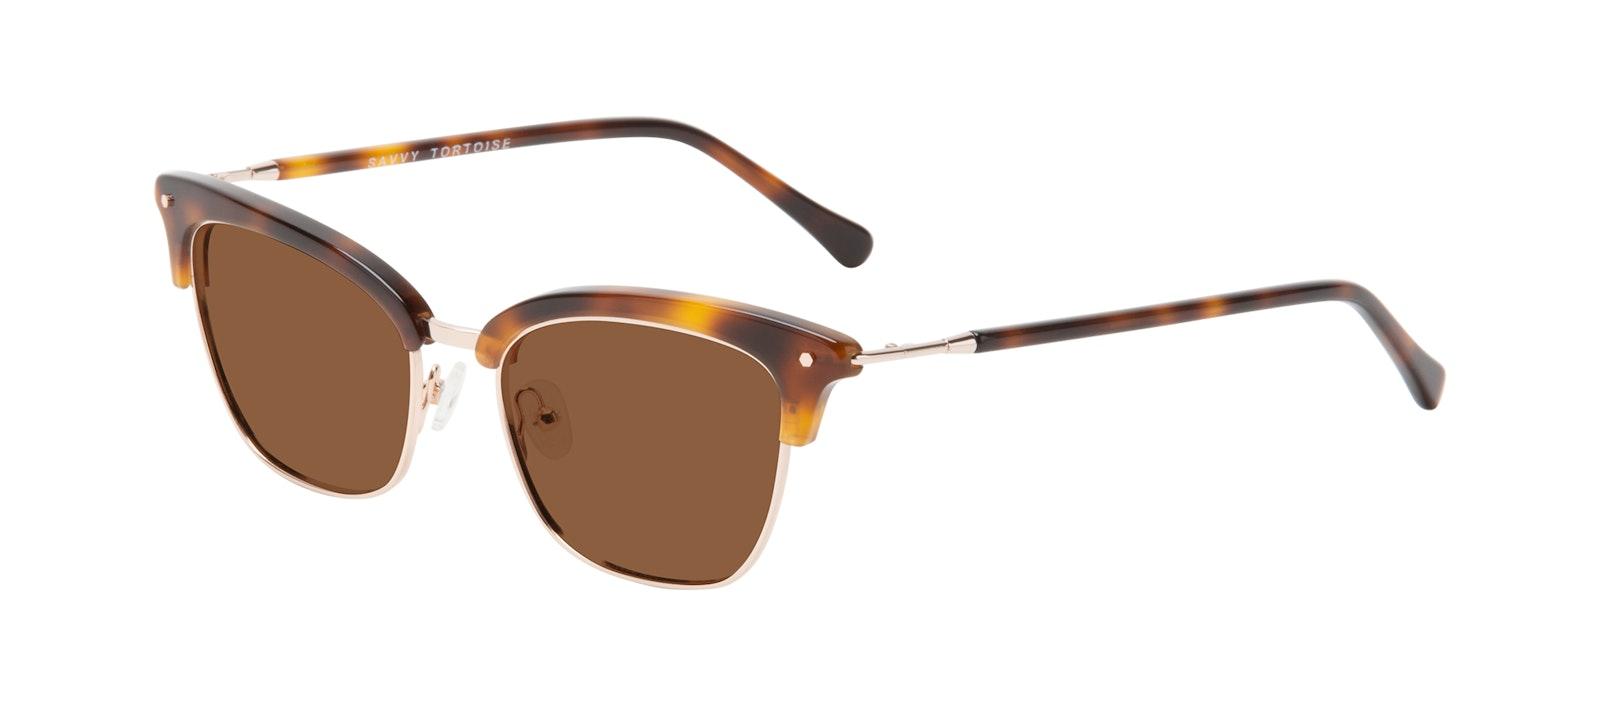 Affordable Fashion Glasses Cat Eye Sunglasses Women Savvy Tortoise Tilt